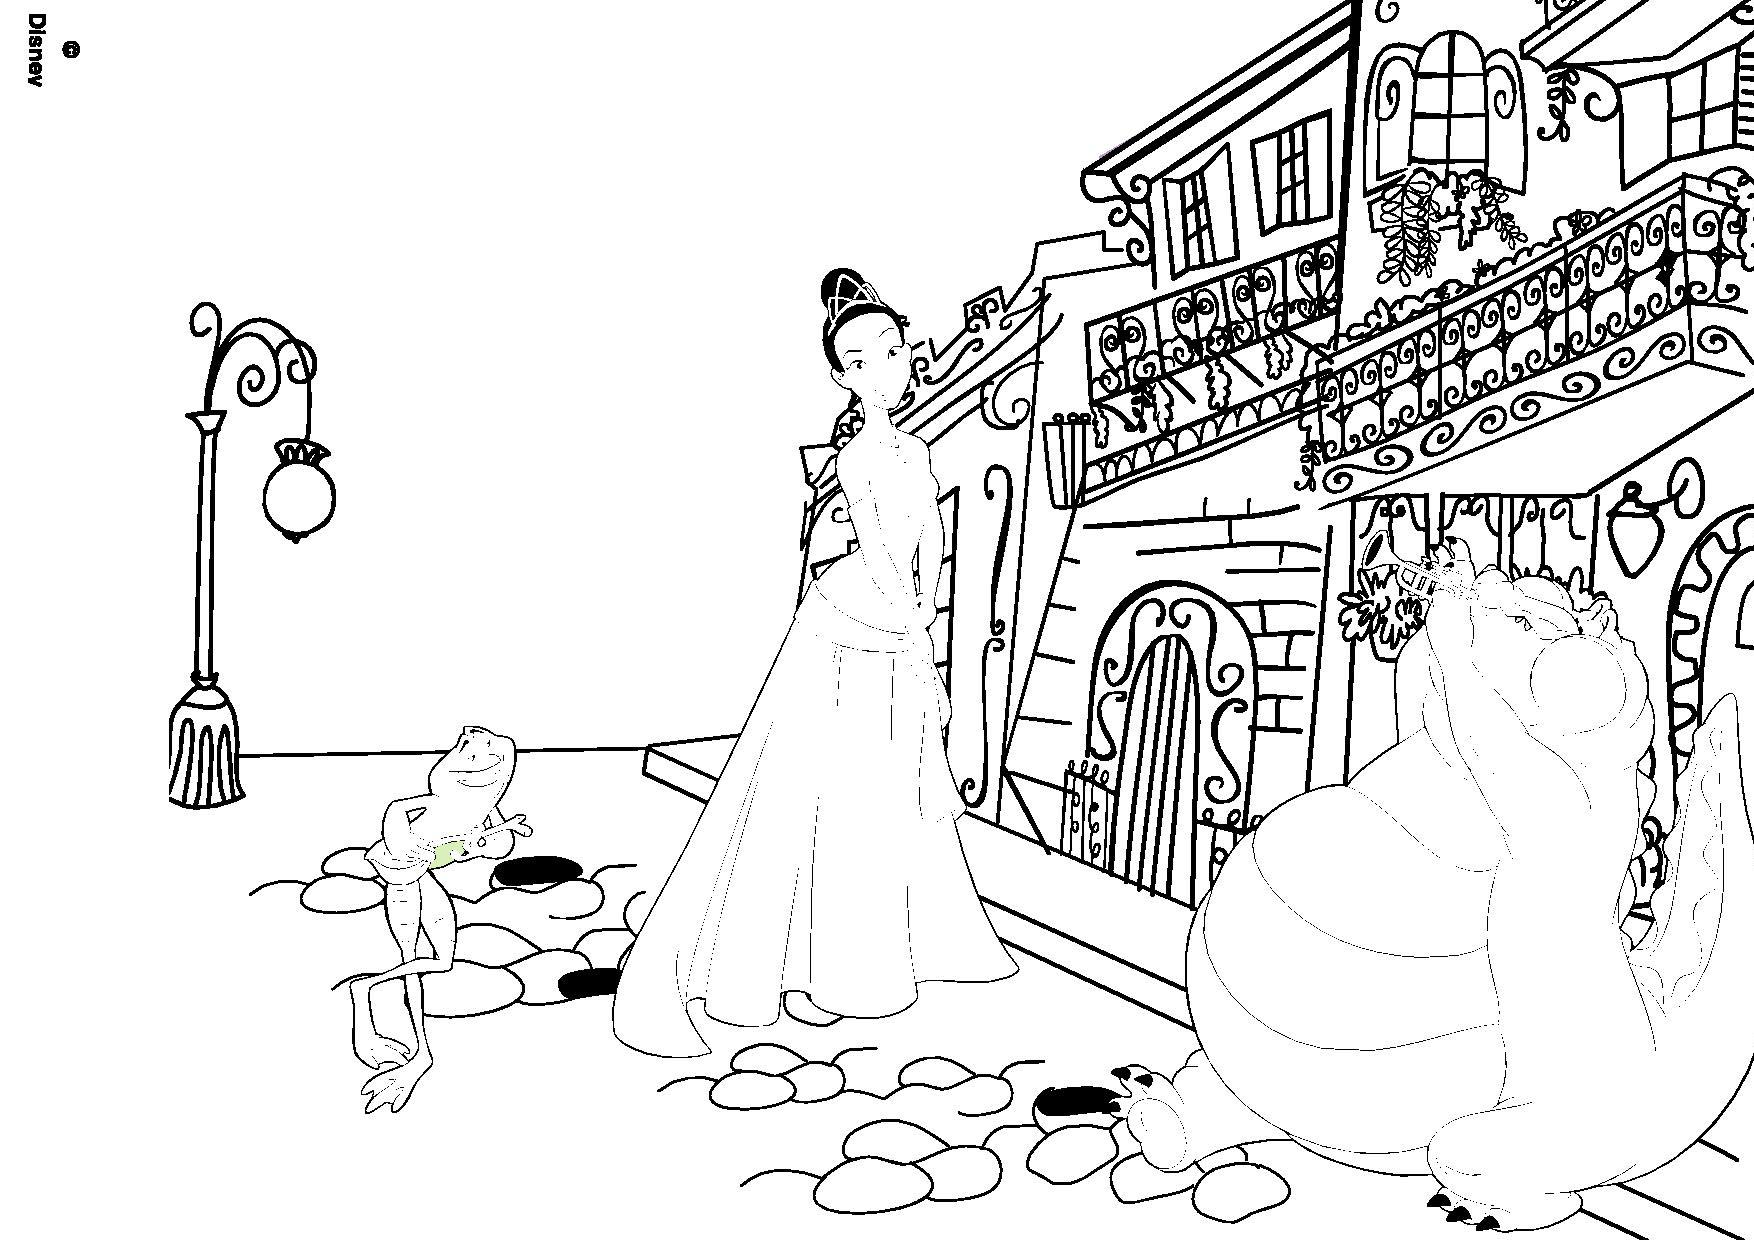 Coloriage la princesse et la grenouille - Coloriage la princesse et la grenouille ...